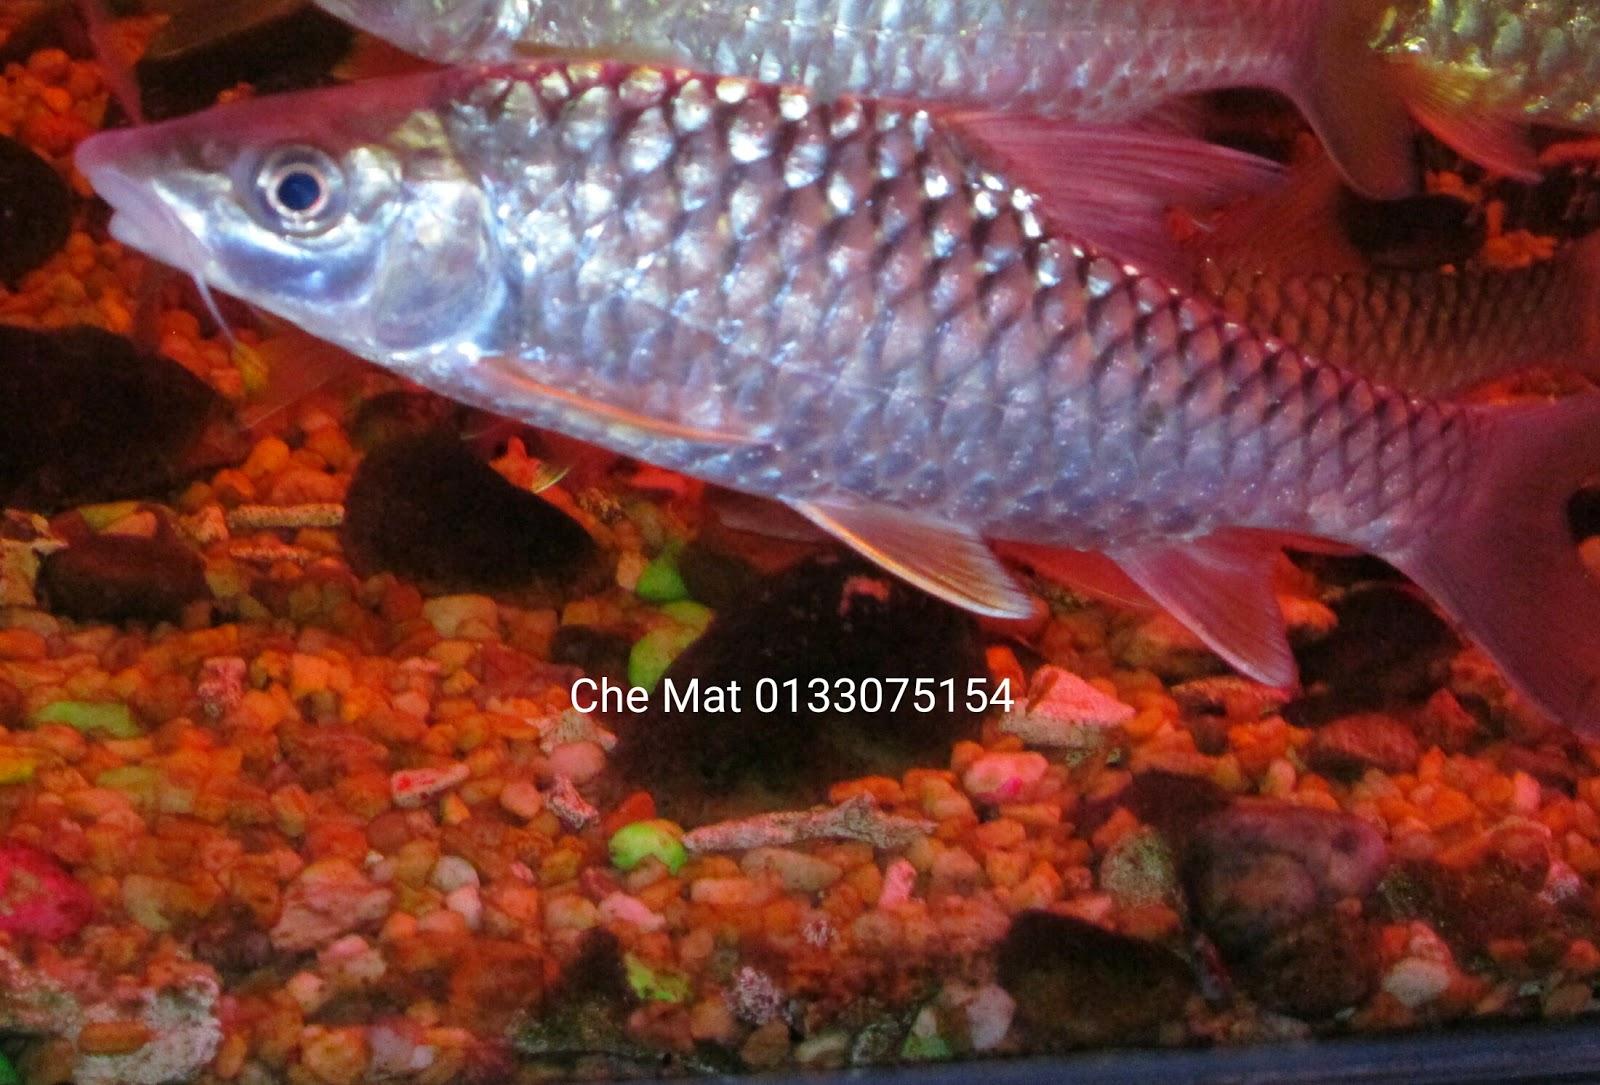 Ikan kelah bara lipan kelah bara lipan saiz 6 8 inci for Fish suitable for ponds